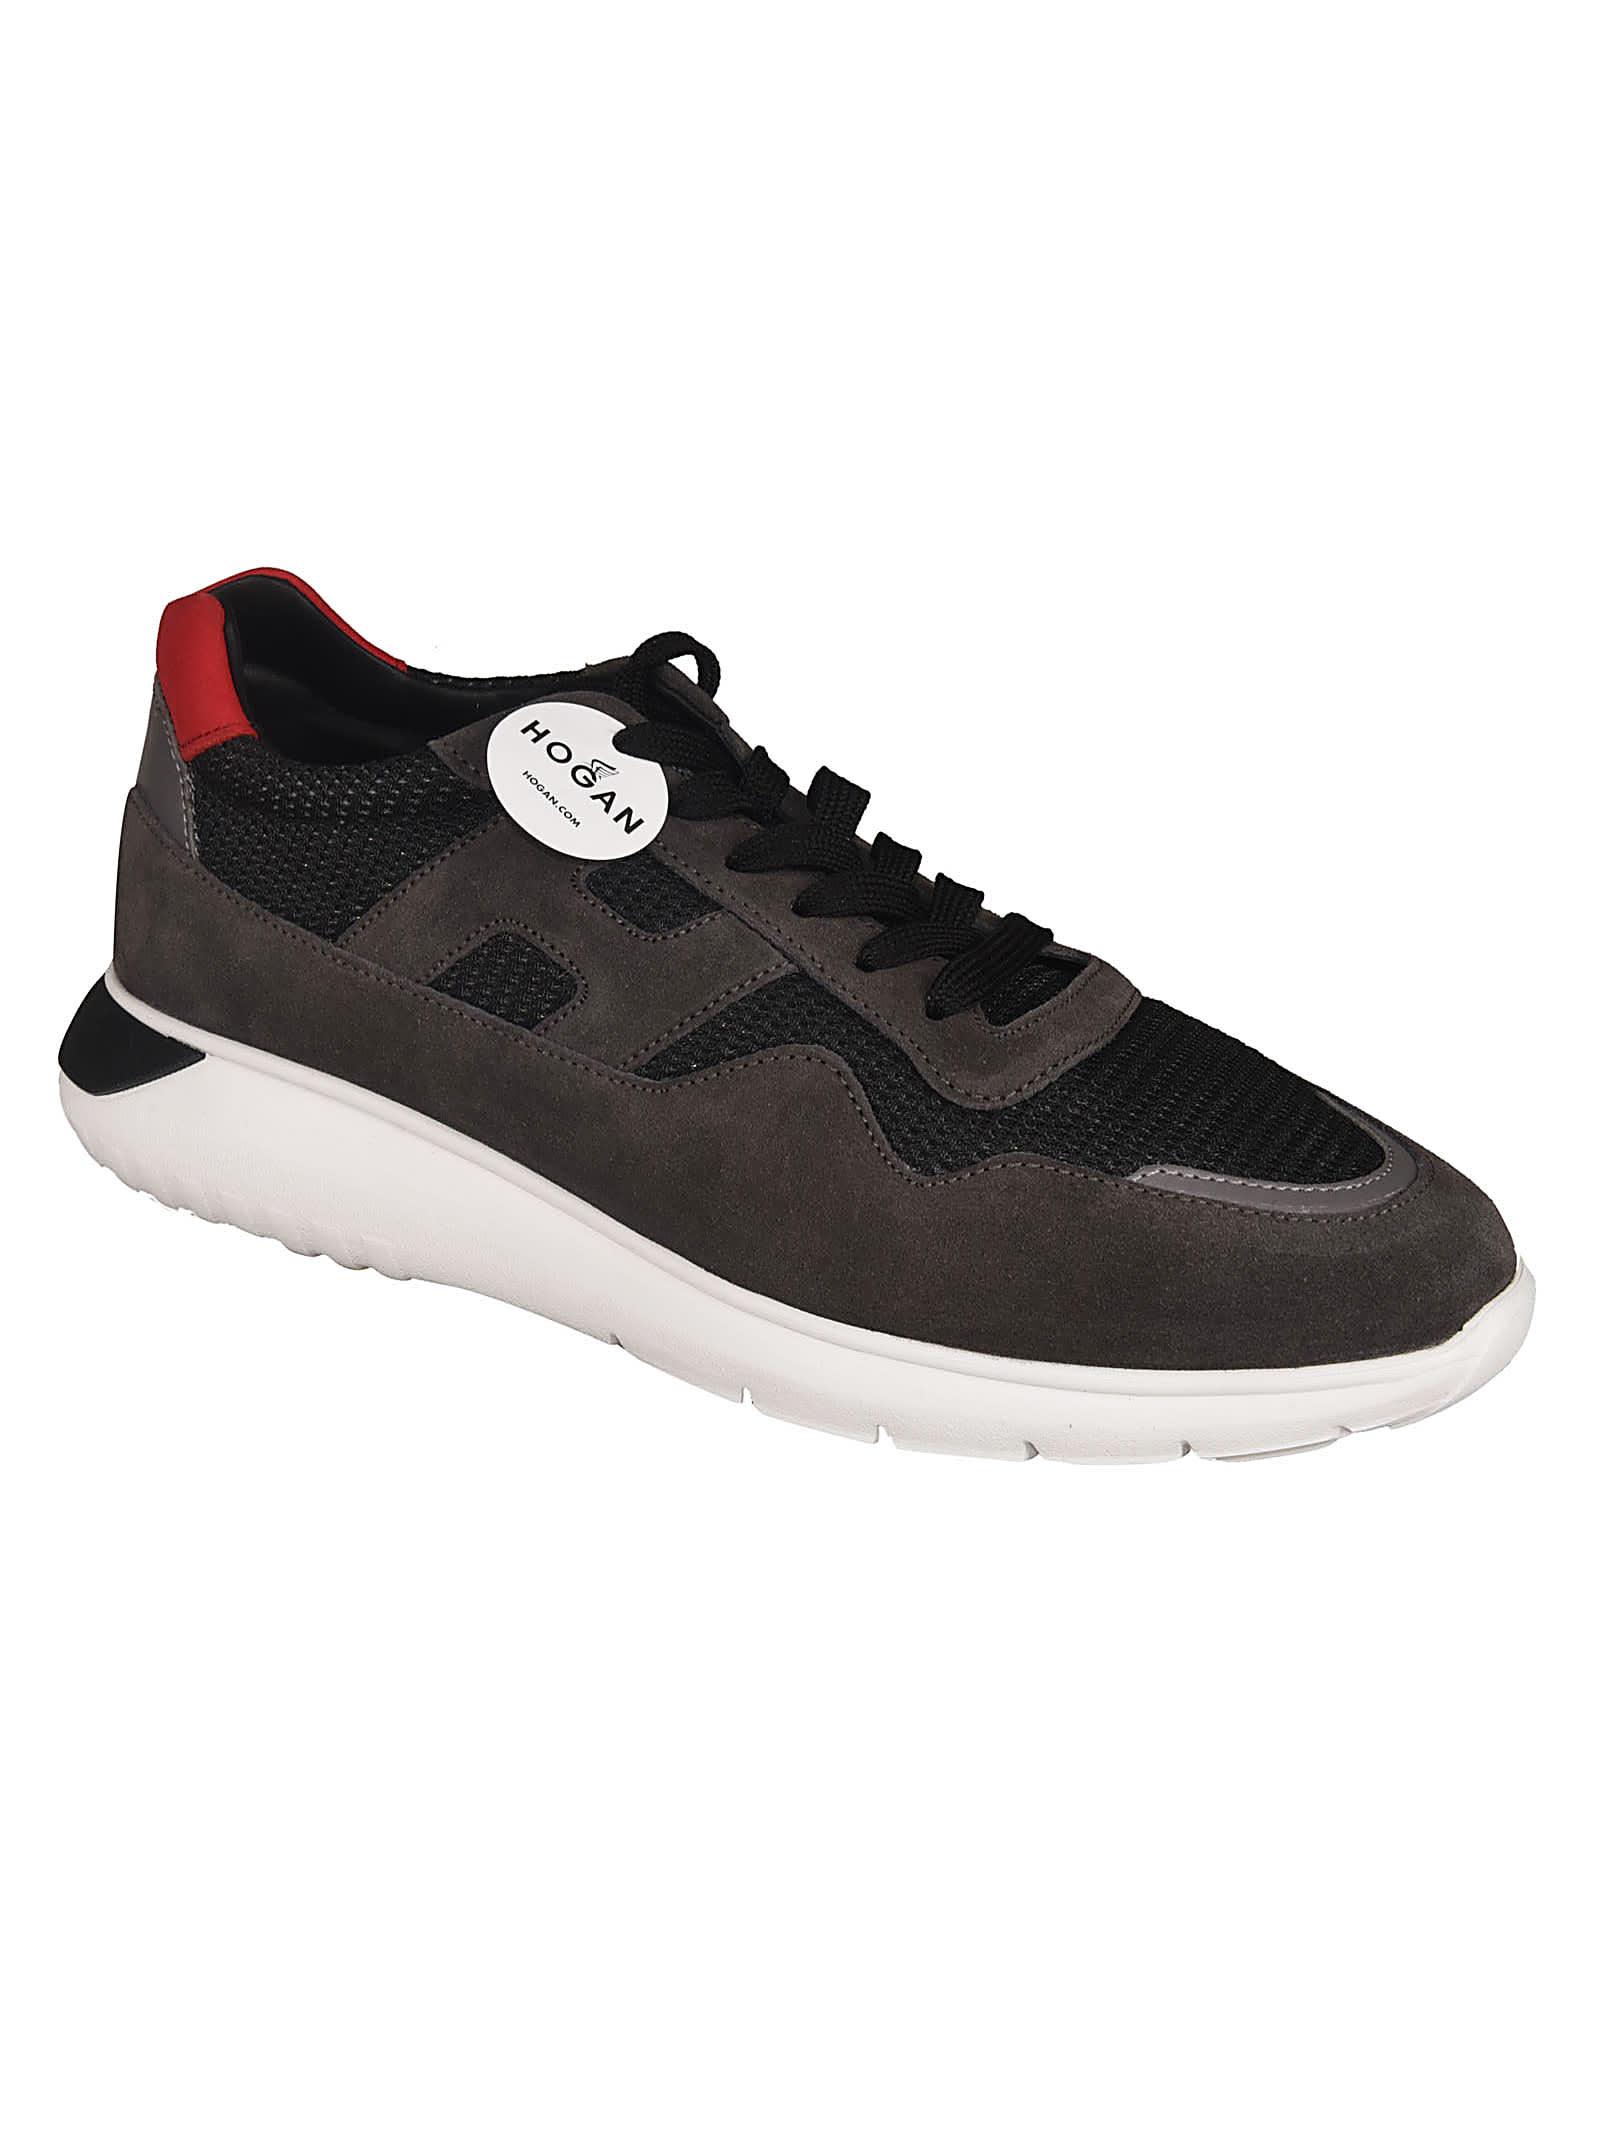 nouveau produit 435ed e02ef Hogan H365 Basket Sneakers